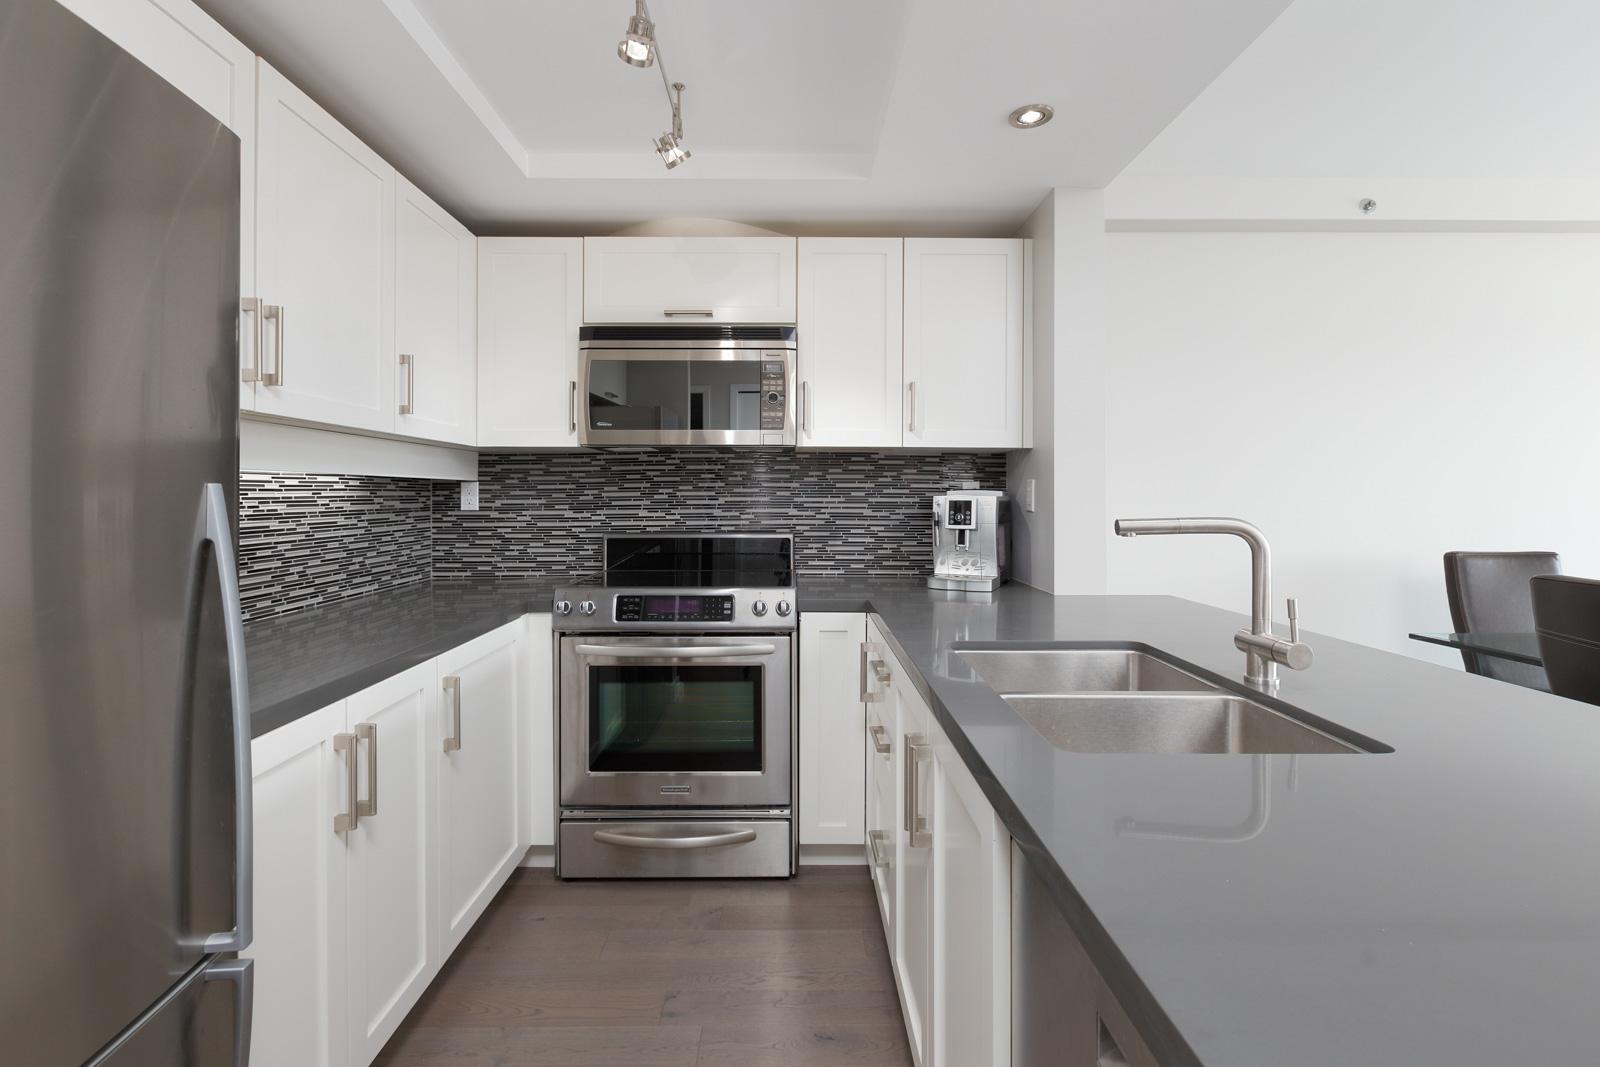 kitchen will all essential appliances